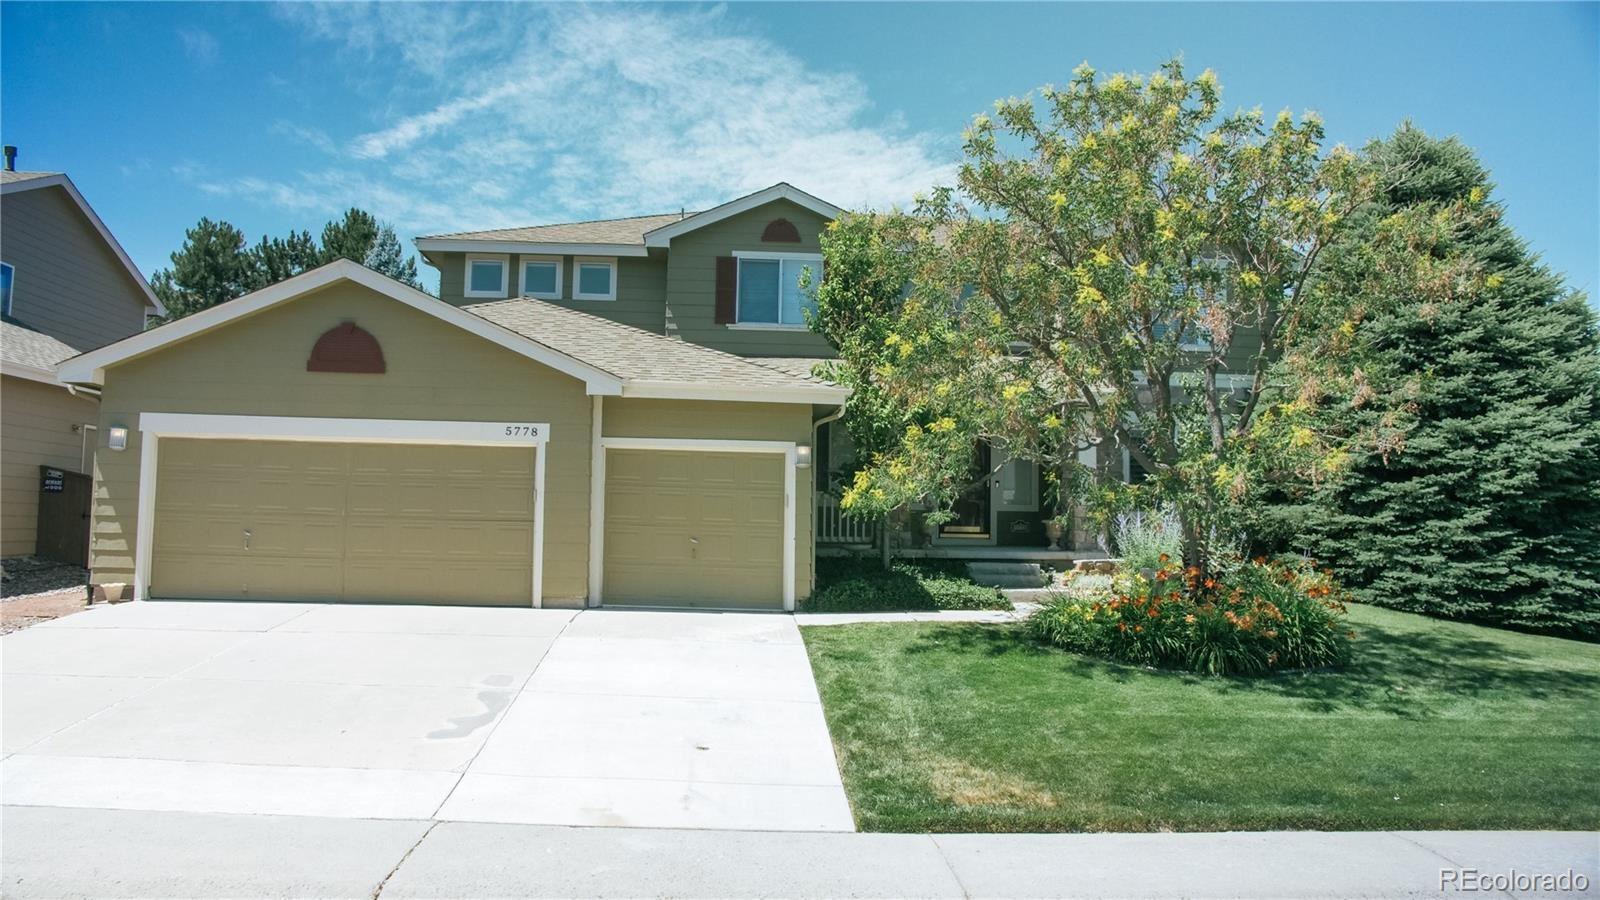 5778 Glenstone Drive, Highlands Ranch, CO 80130 - #: 5614246